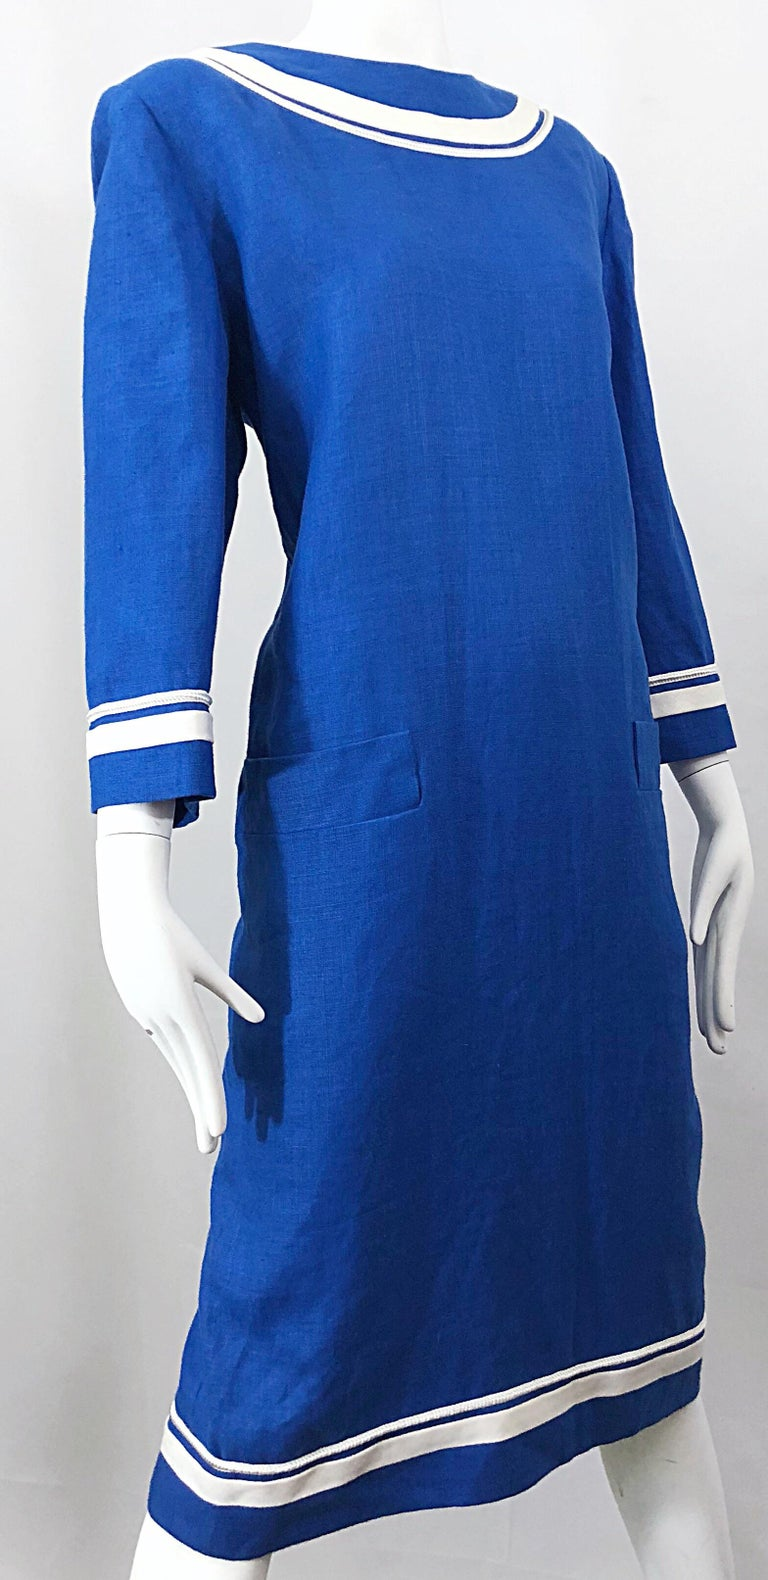 774c4e7106 Vintage Bill Blass Size 16 Blue + White Nautical Plus Size Linen Dress For  Sale 1